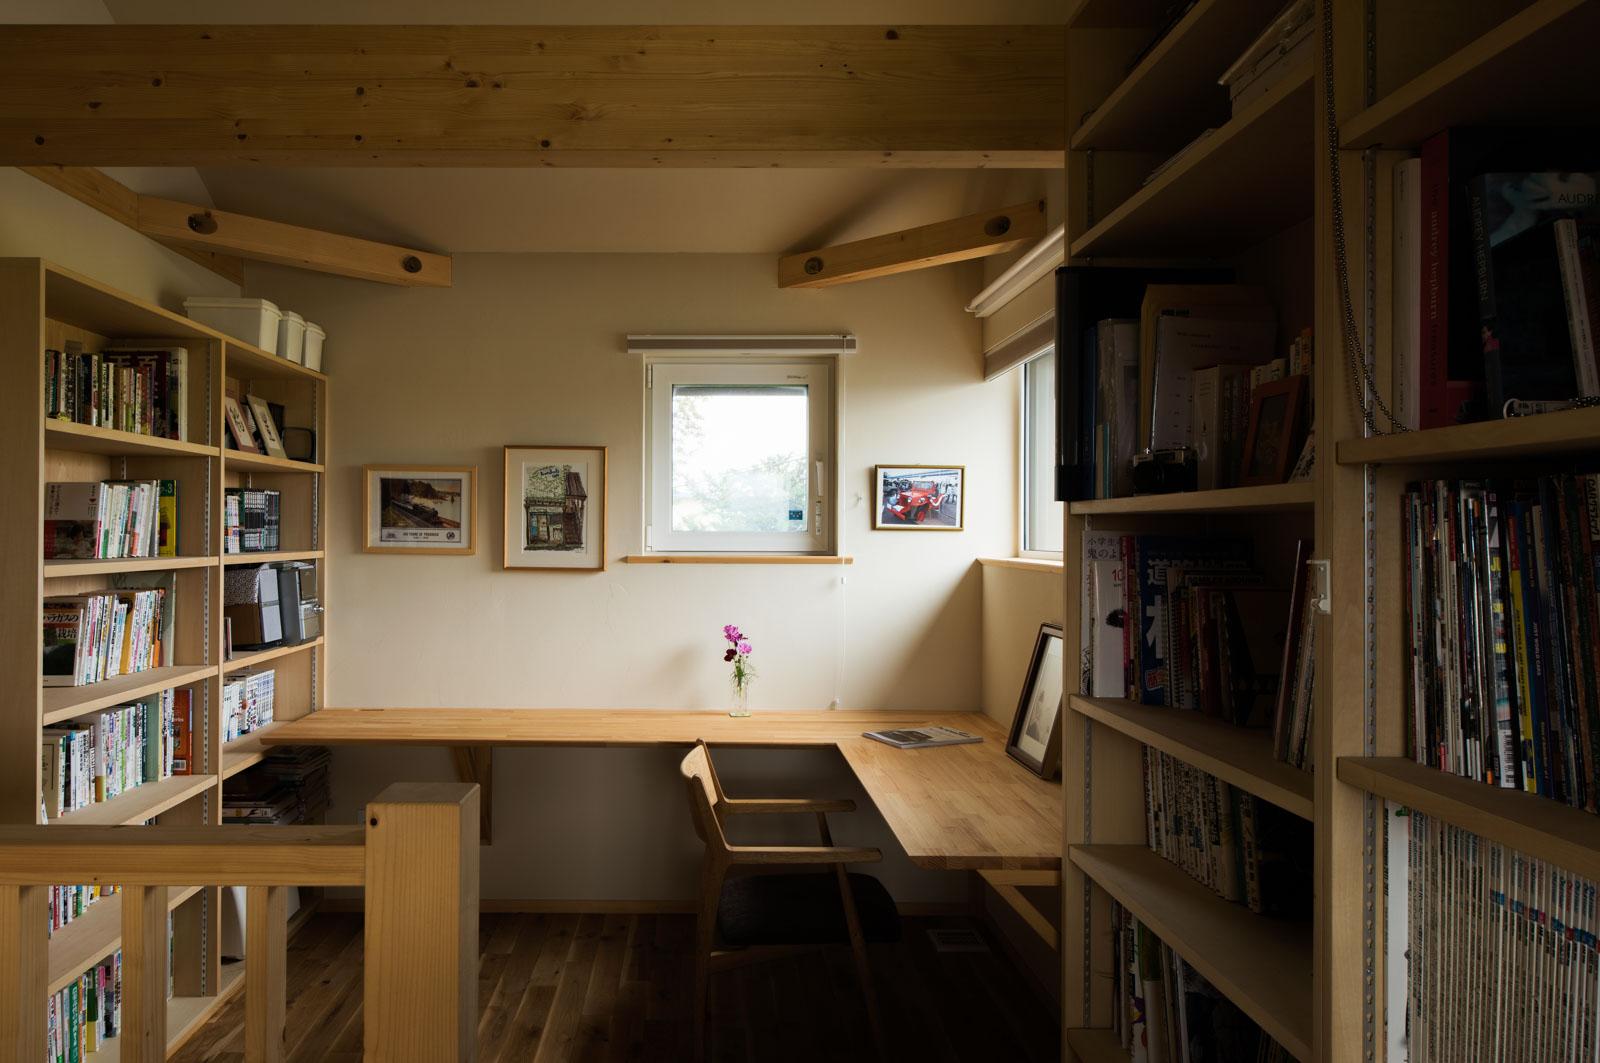 造作本棚のある読書兼事務スペースを2階に設えたお宅。将来は子どもの学習スペースとしても使う予定